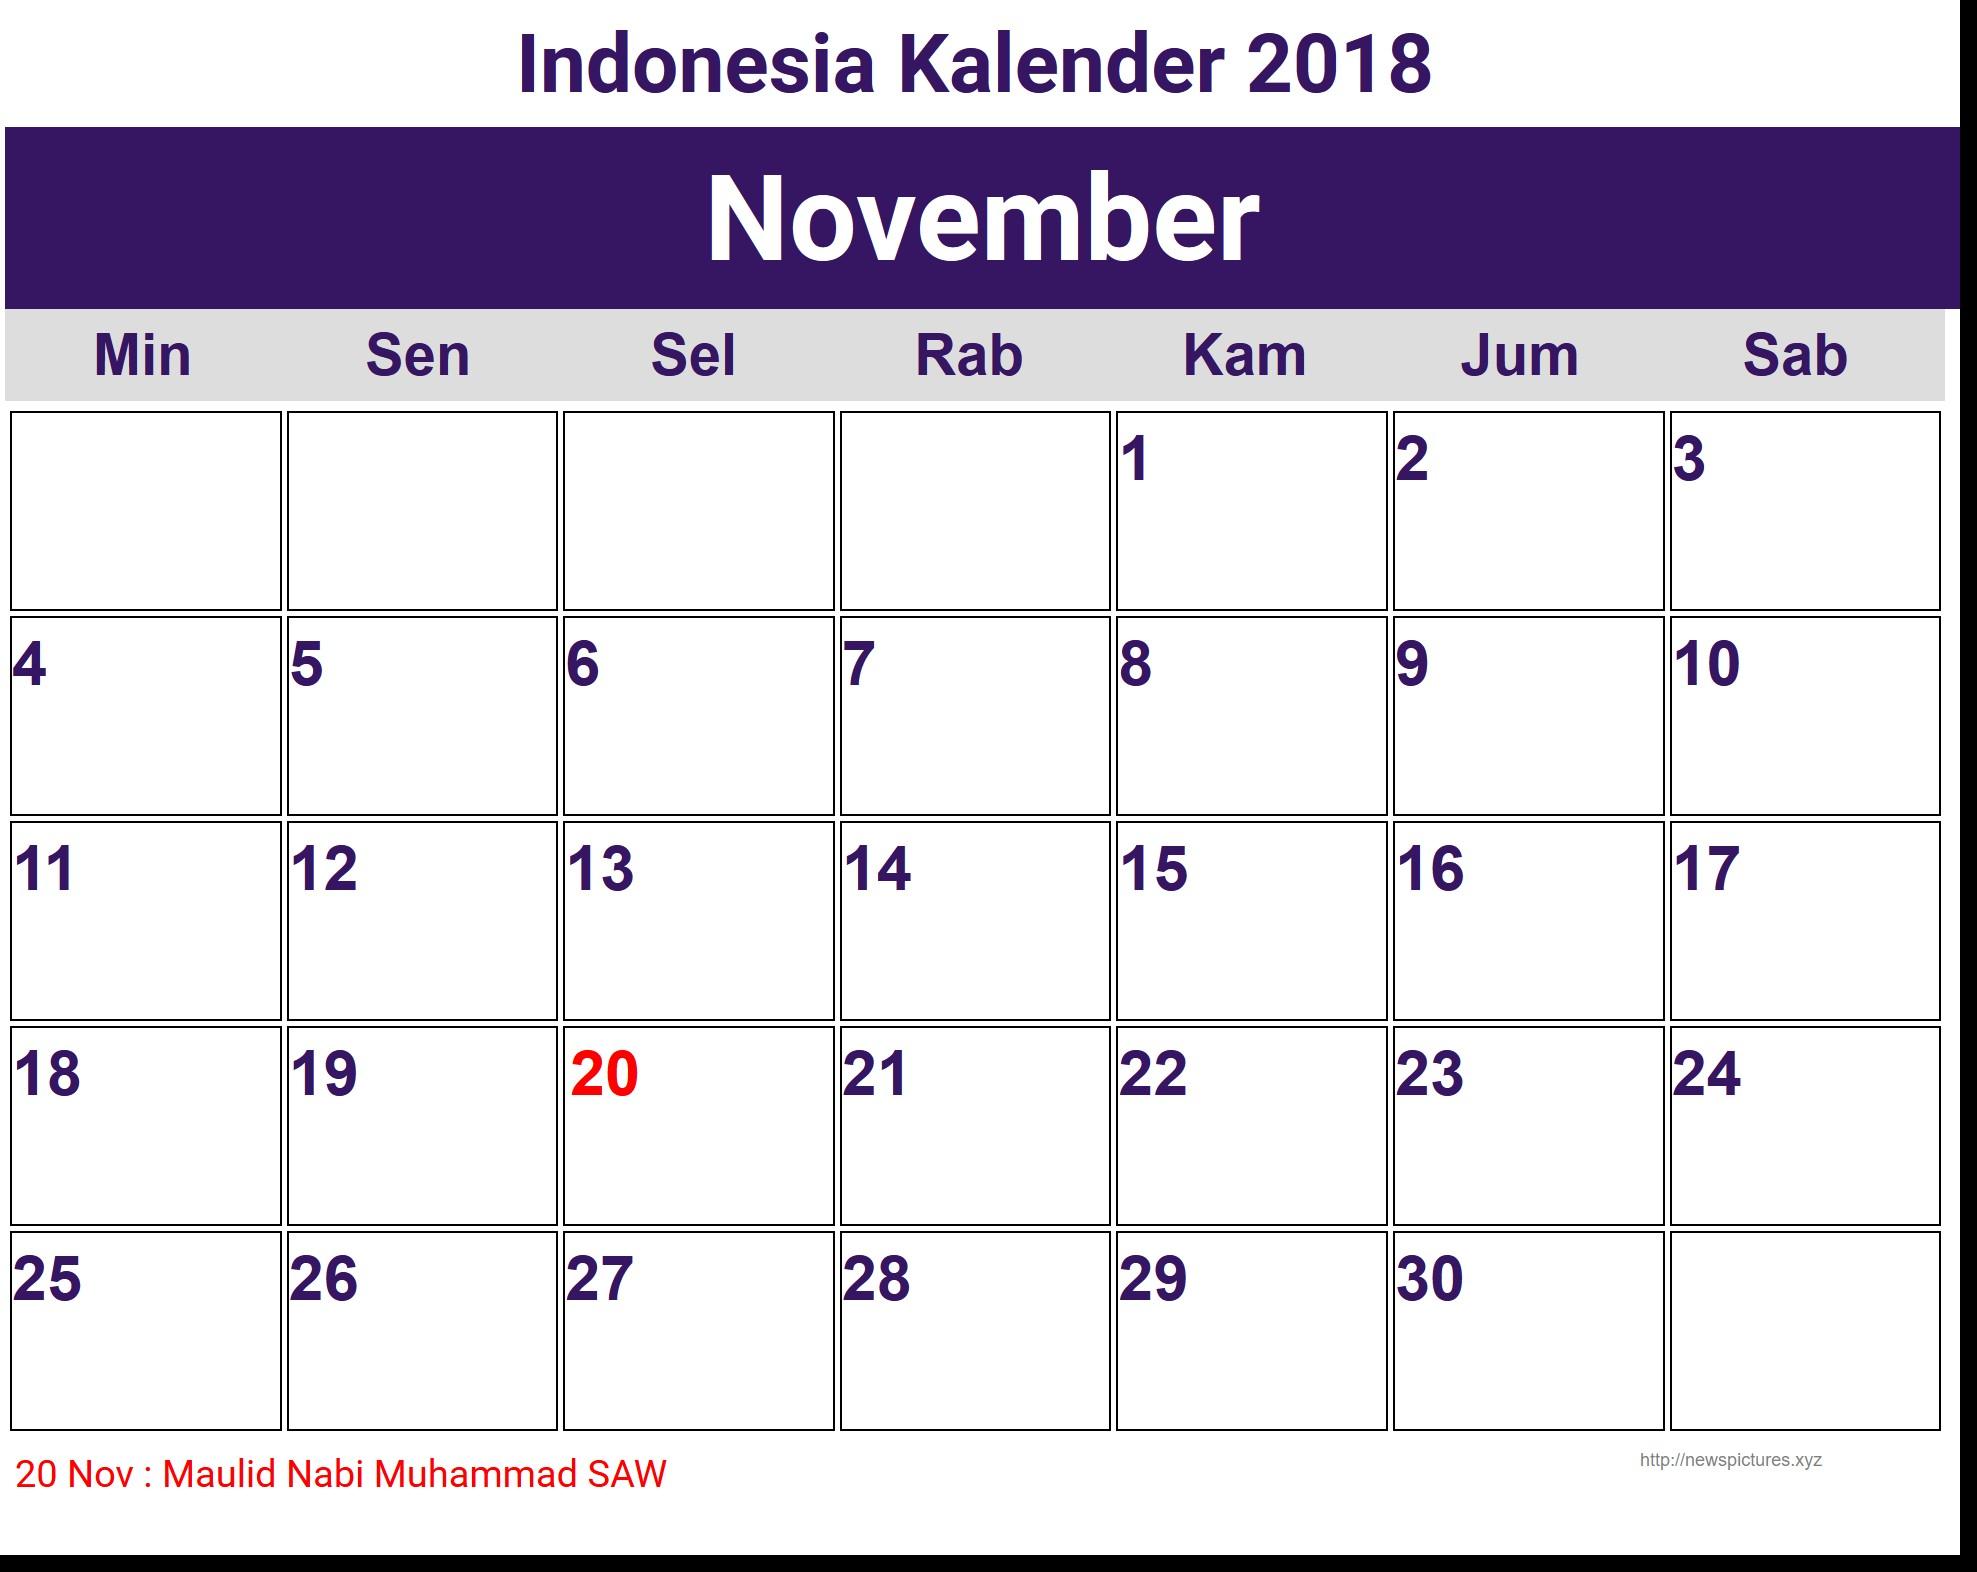 Calendario Mayo 2019 Más Recientes Image for November Indonesia Kalender 2018 Kalender Of Calendario Mayo 2019 Recientes Galera De Imágenes Aguascalientes En México 2019 – Diablos